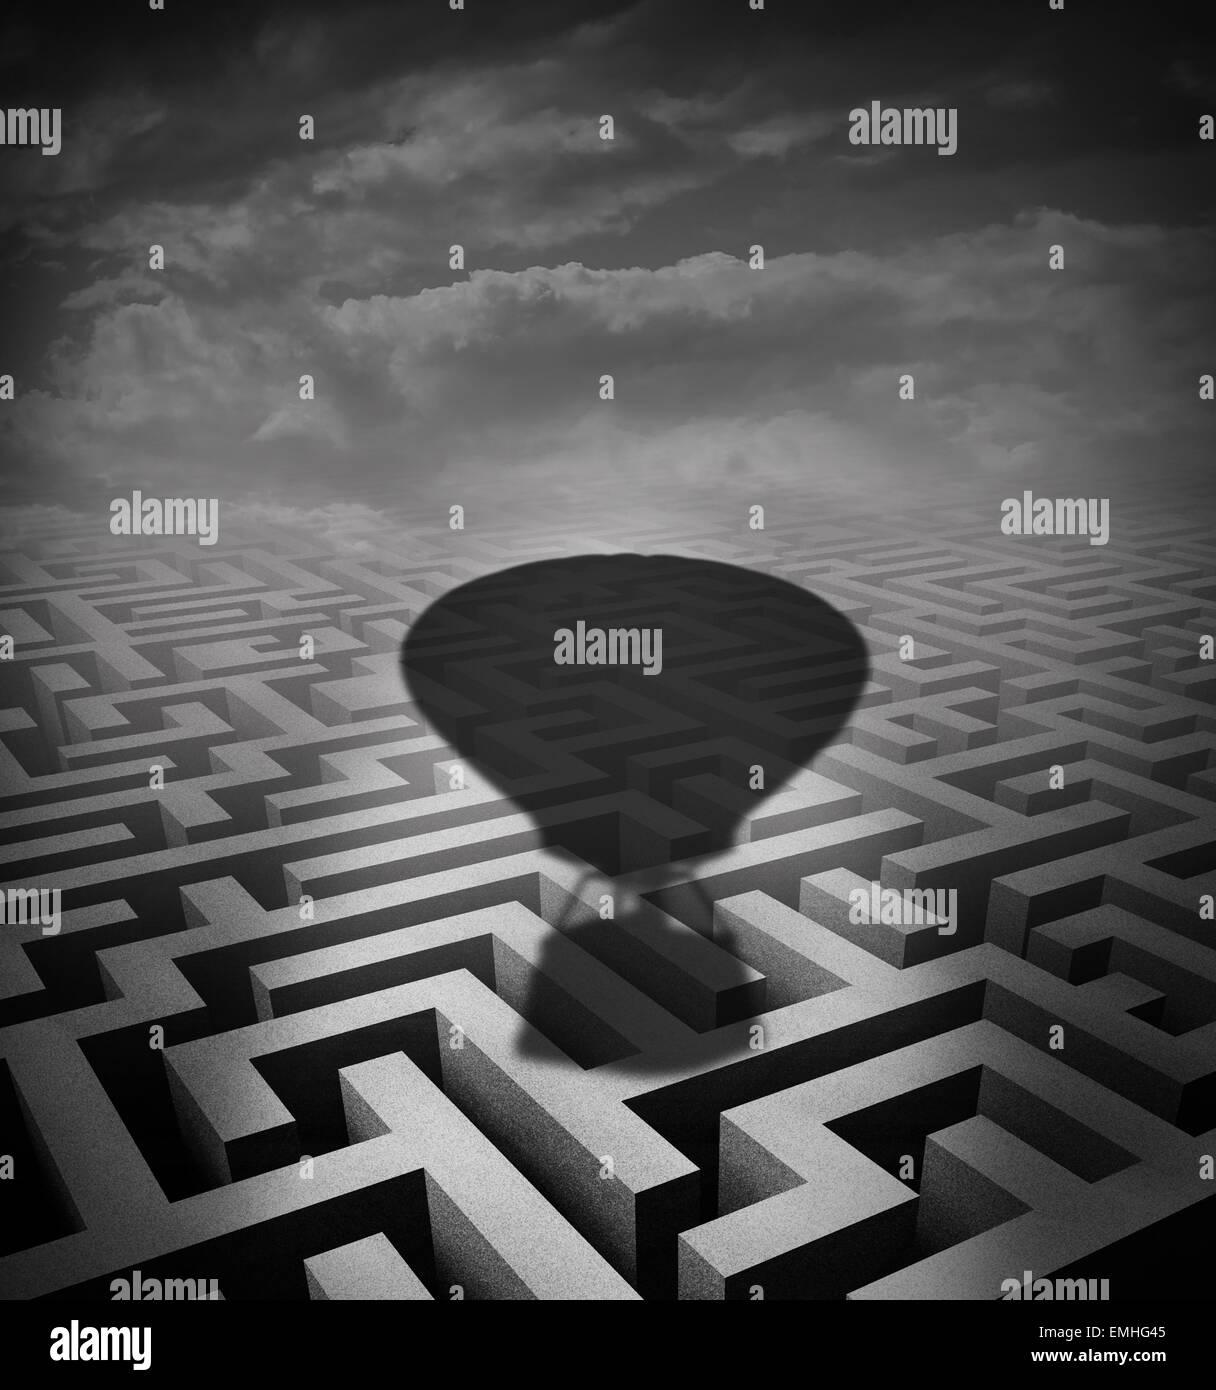 Superare gli ostacoli concetto come una mongolfiera gettato ombra su un labirinto o labirinto come un business motivazionale Immagini Stock